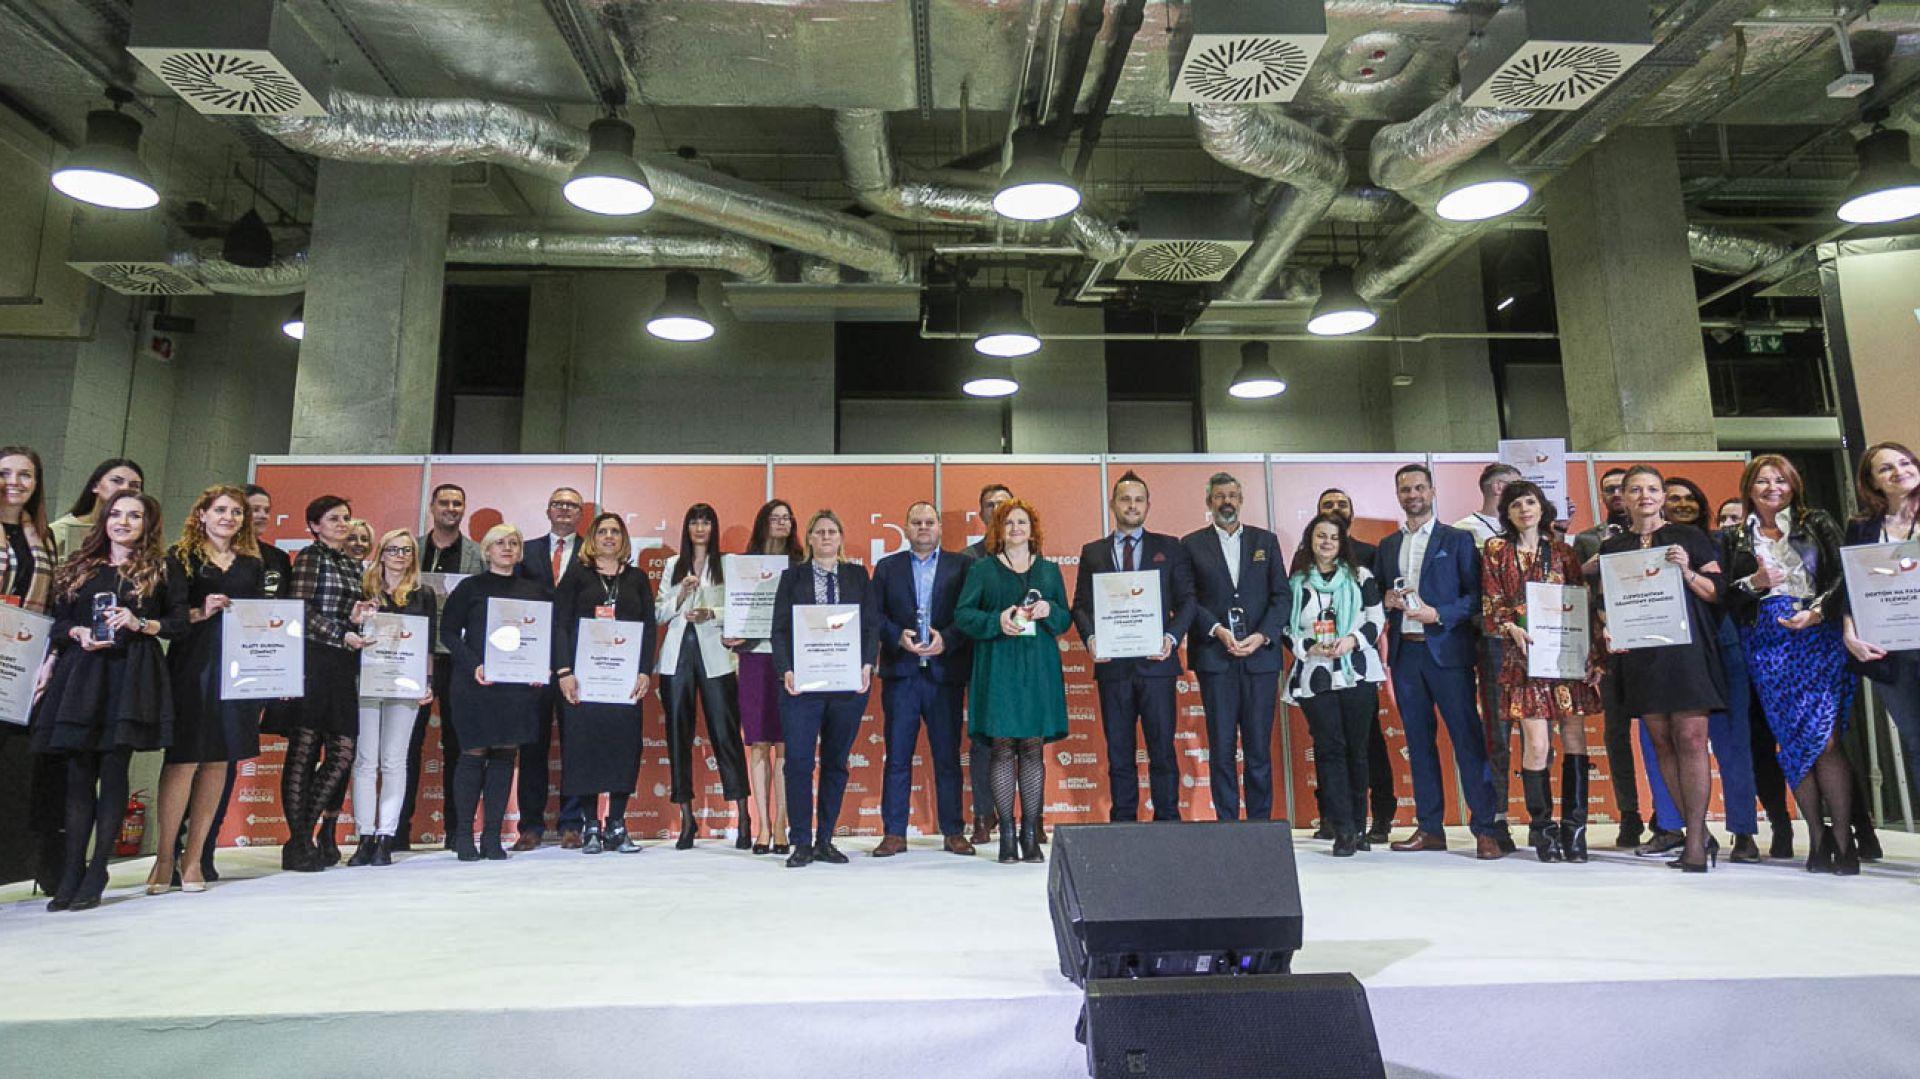 Nagrody Dobry Design 2020 rozdane. Zobacz zwycięzców!